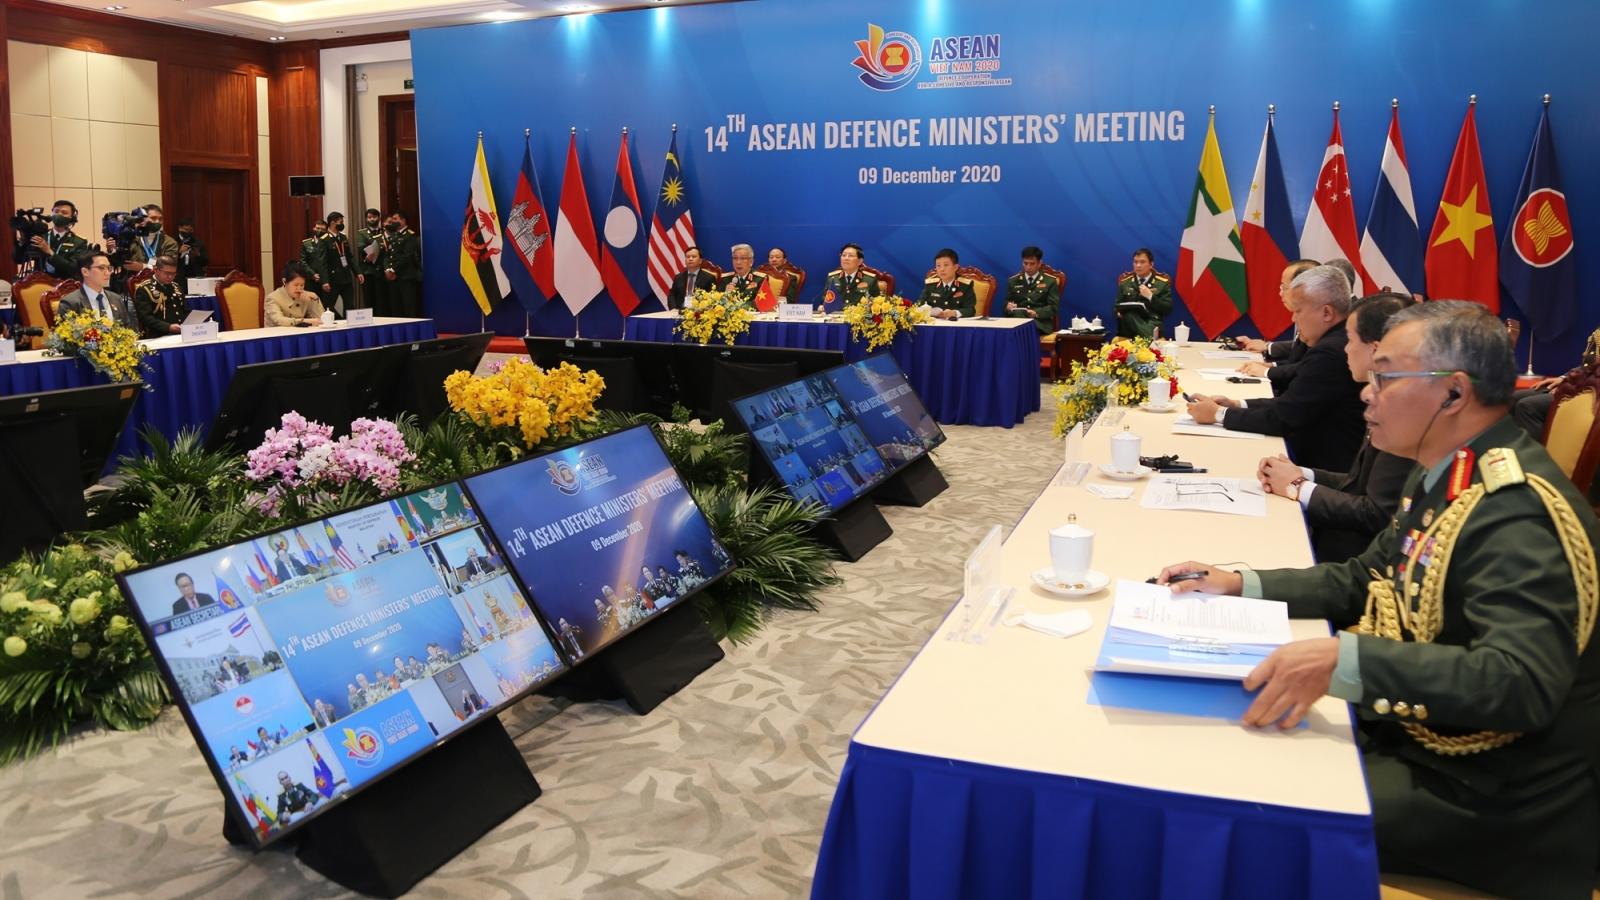 Quân đội các nước ASEAN hợp tác chặt chẽ để đối phó với Covid-19